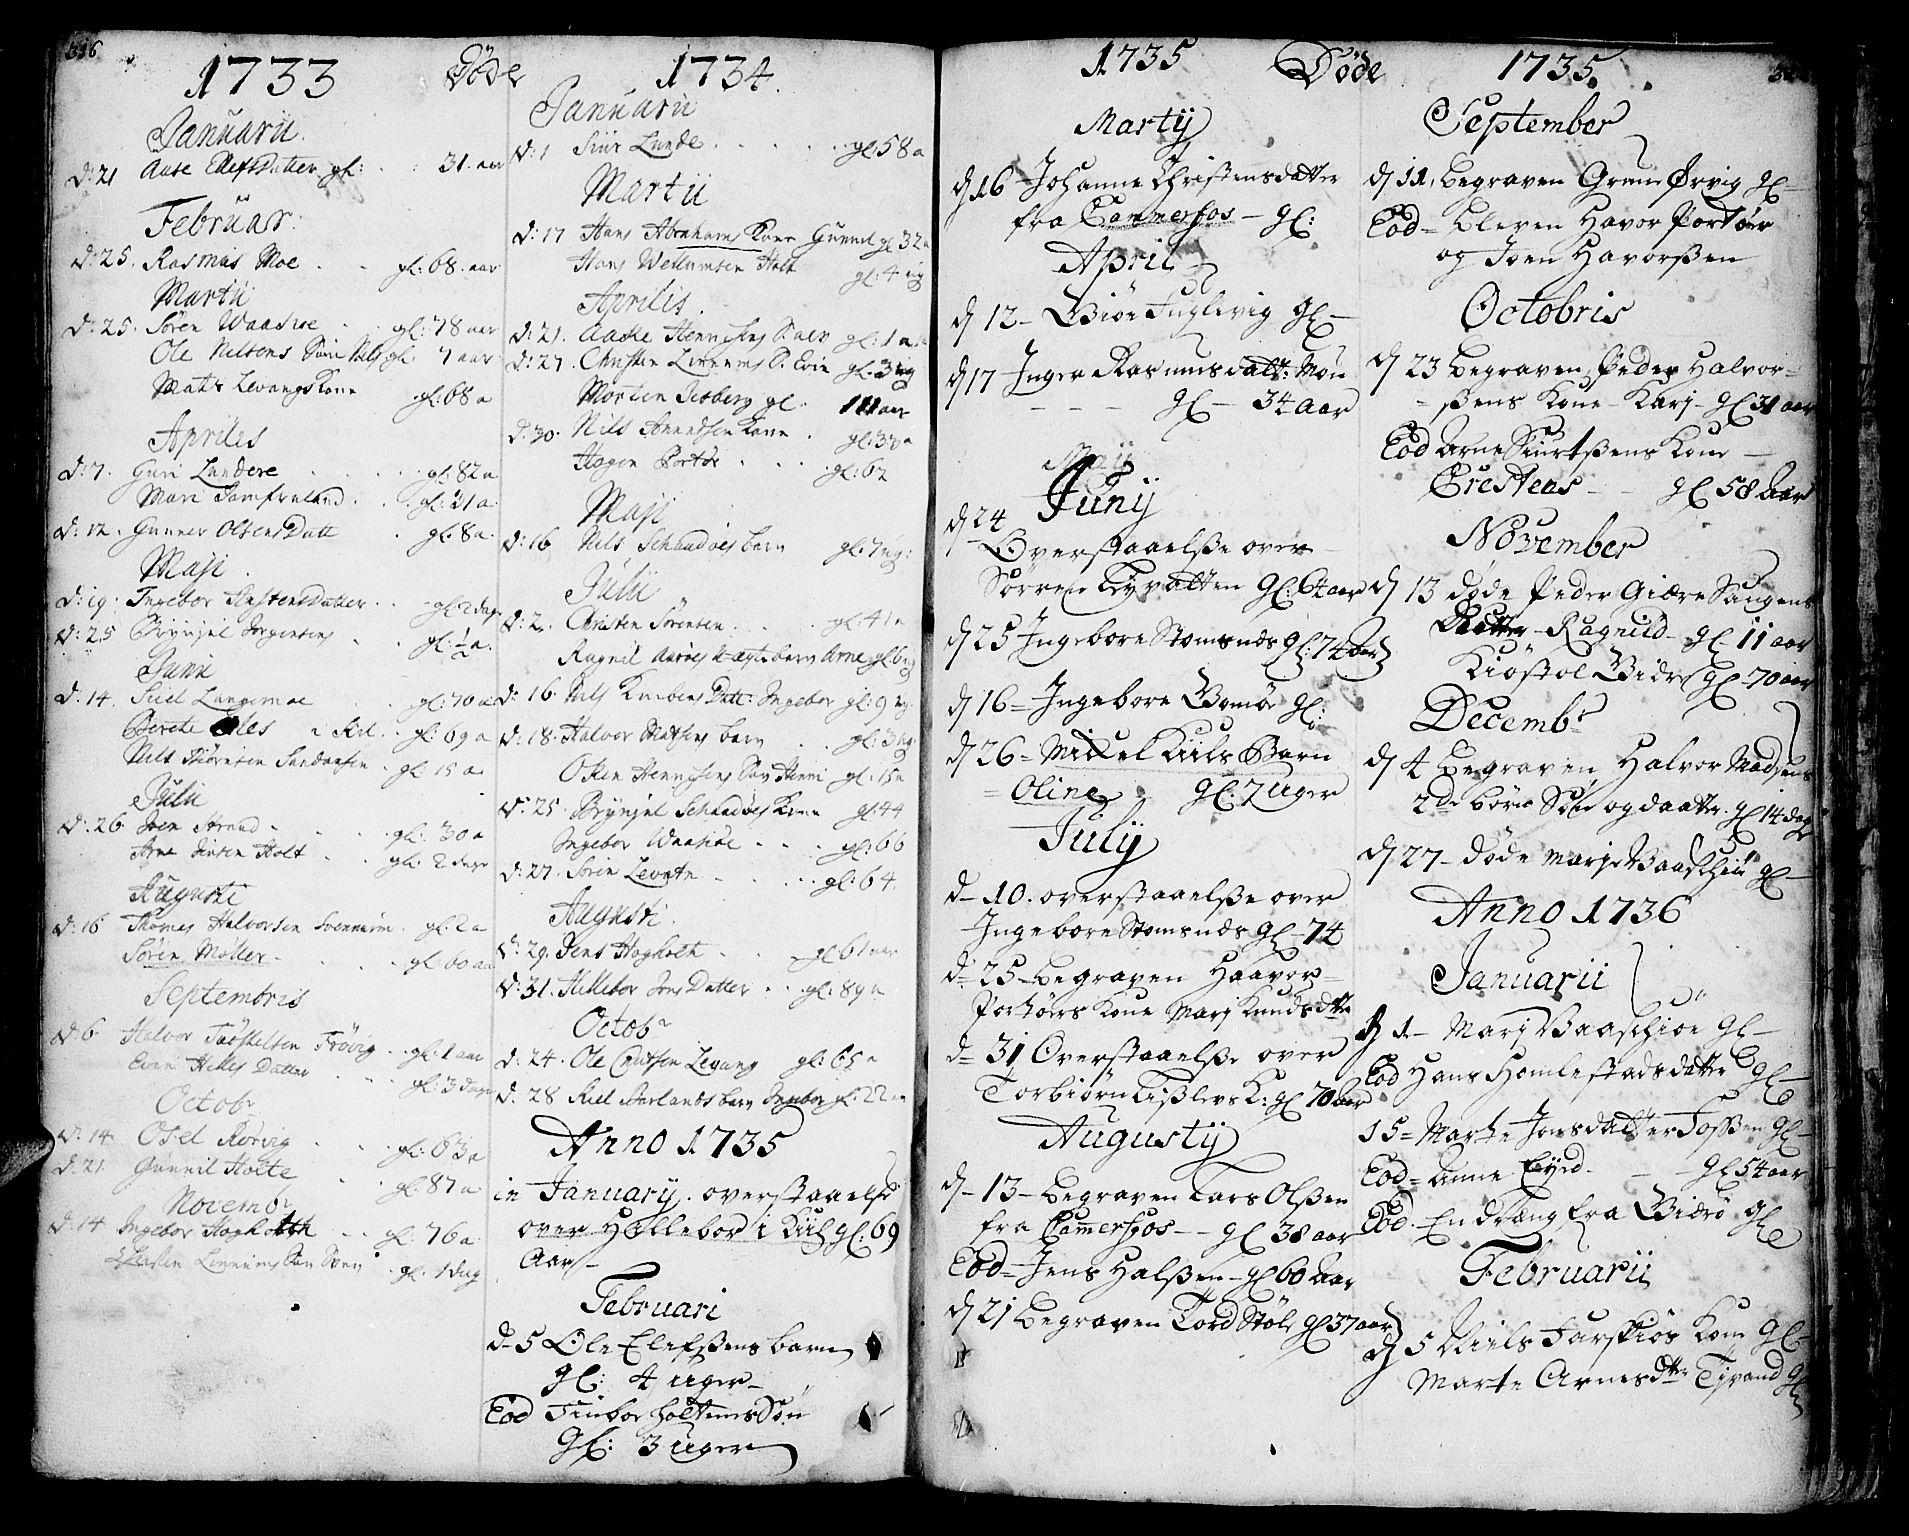 SAKO, Sannidal kirkebøker, F/Fa/L0001: Ministerialbok nr. 1, 1702-1766, s. 316-317